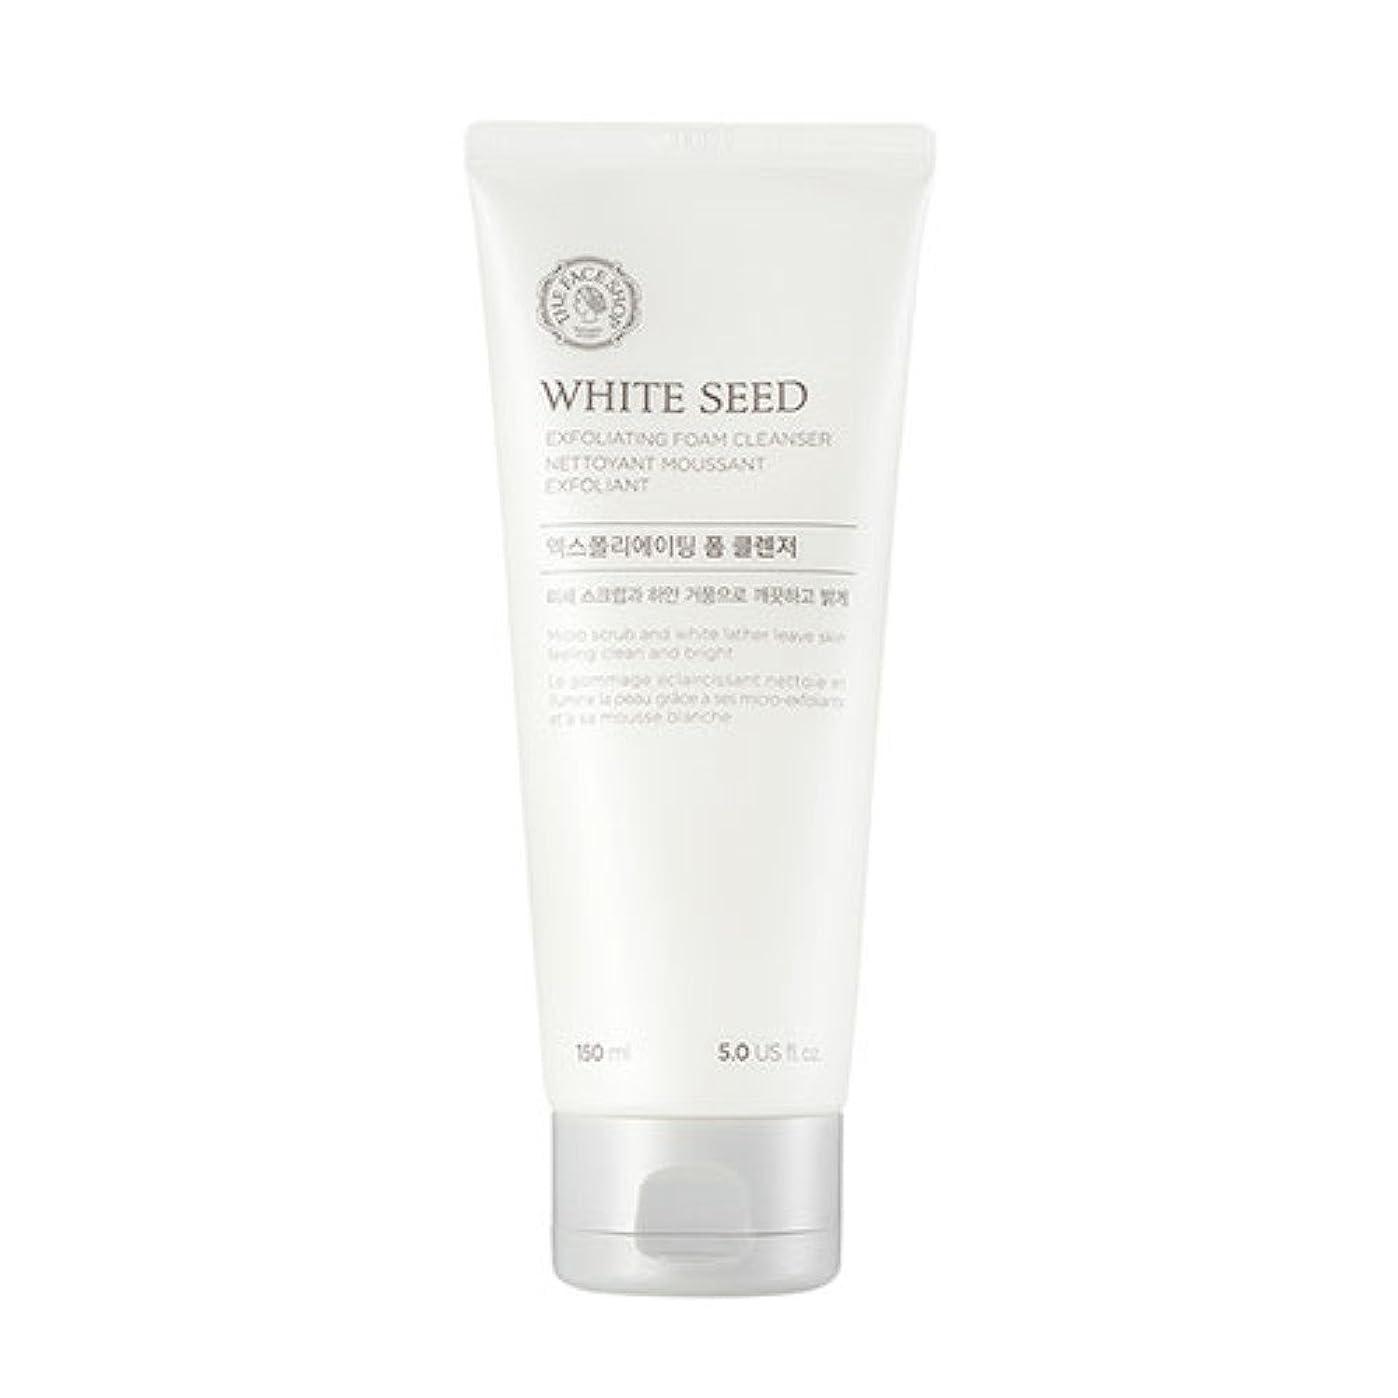 洞窟農夫クスコ[ザフェイスショップ] The Face Shop ホワイトシードエクスフォリエイティングクレンザー(150ml) The Face Shop White Seed Exfoliating Foam Cleanser(150ml) [海外直送品]